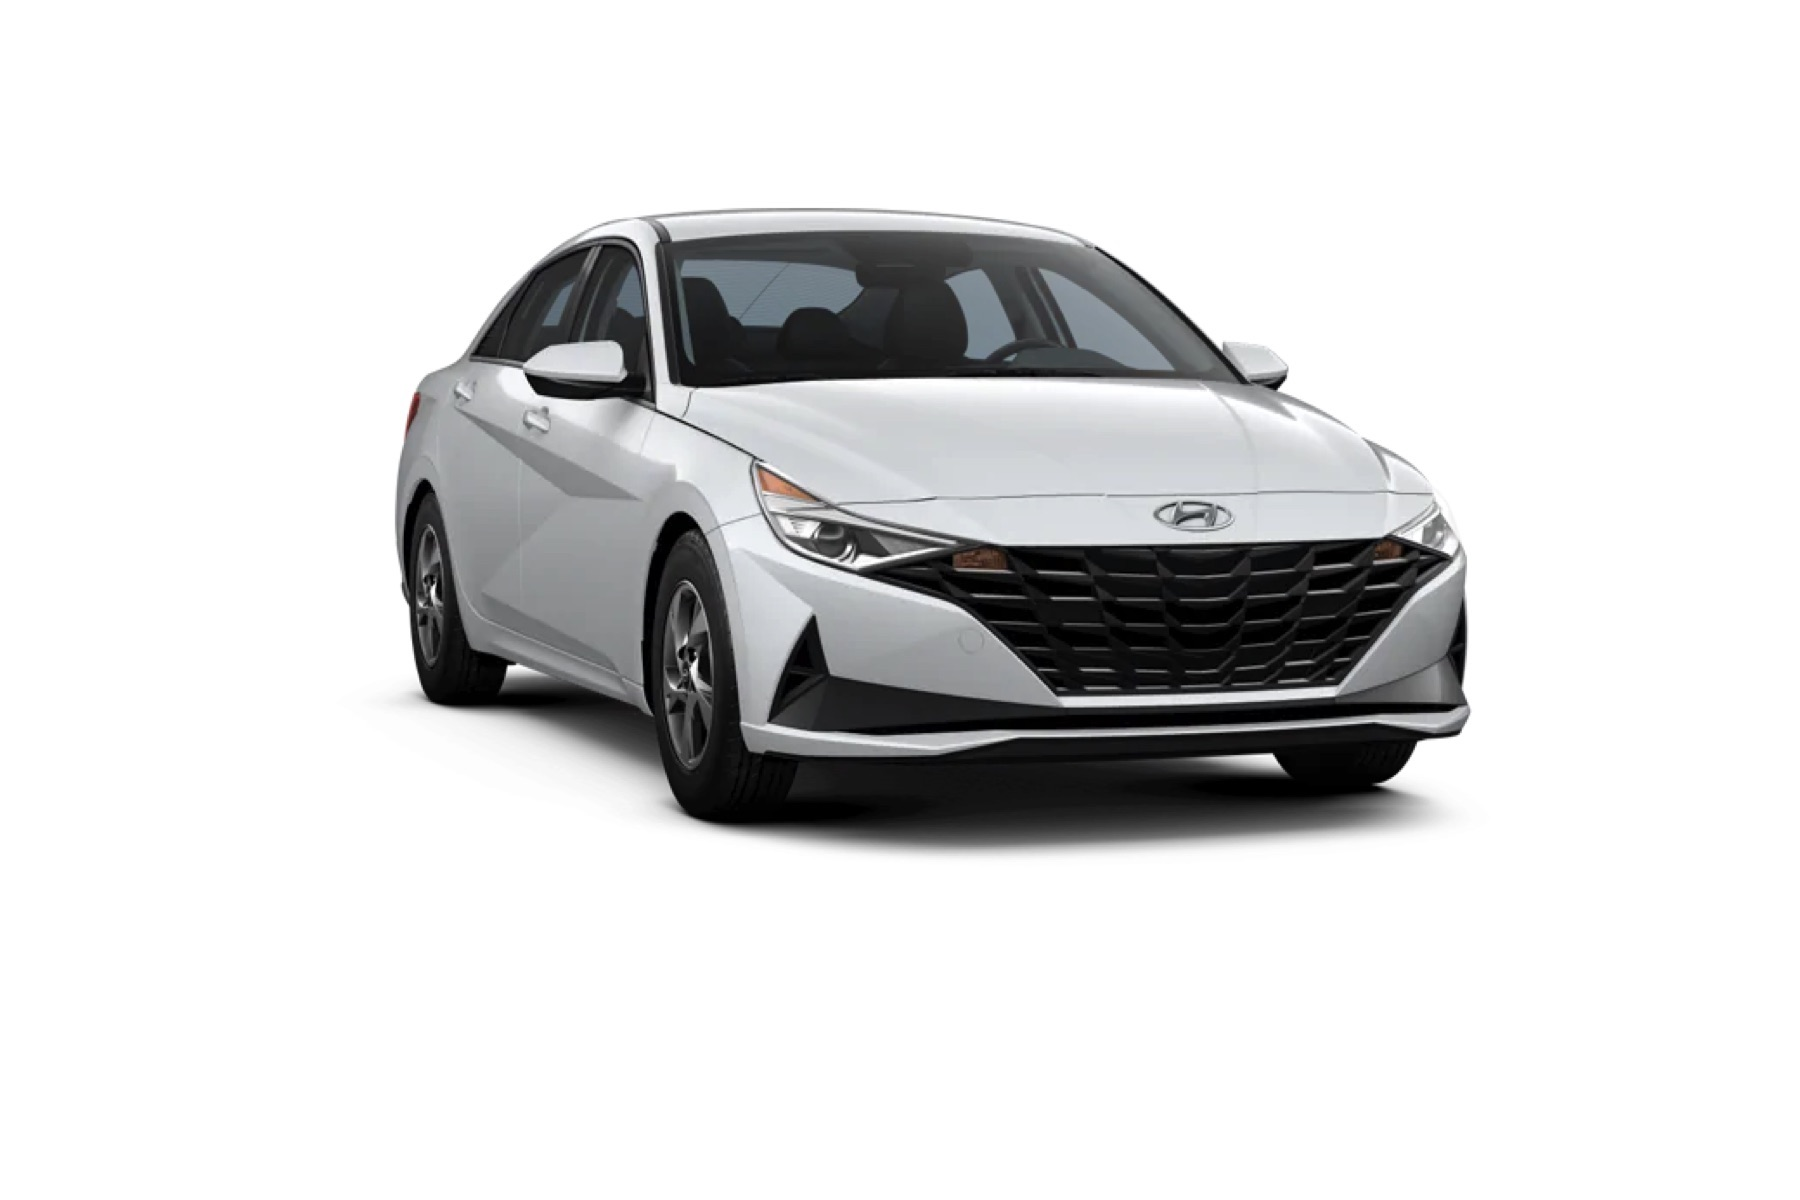 Review 2021 Hyundai Elantra Essential